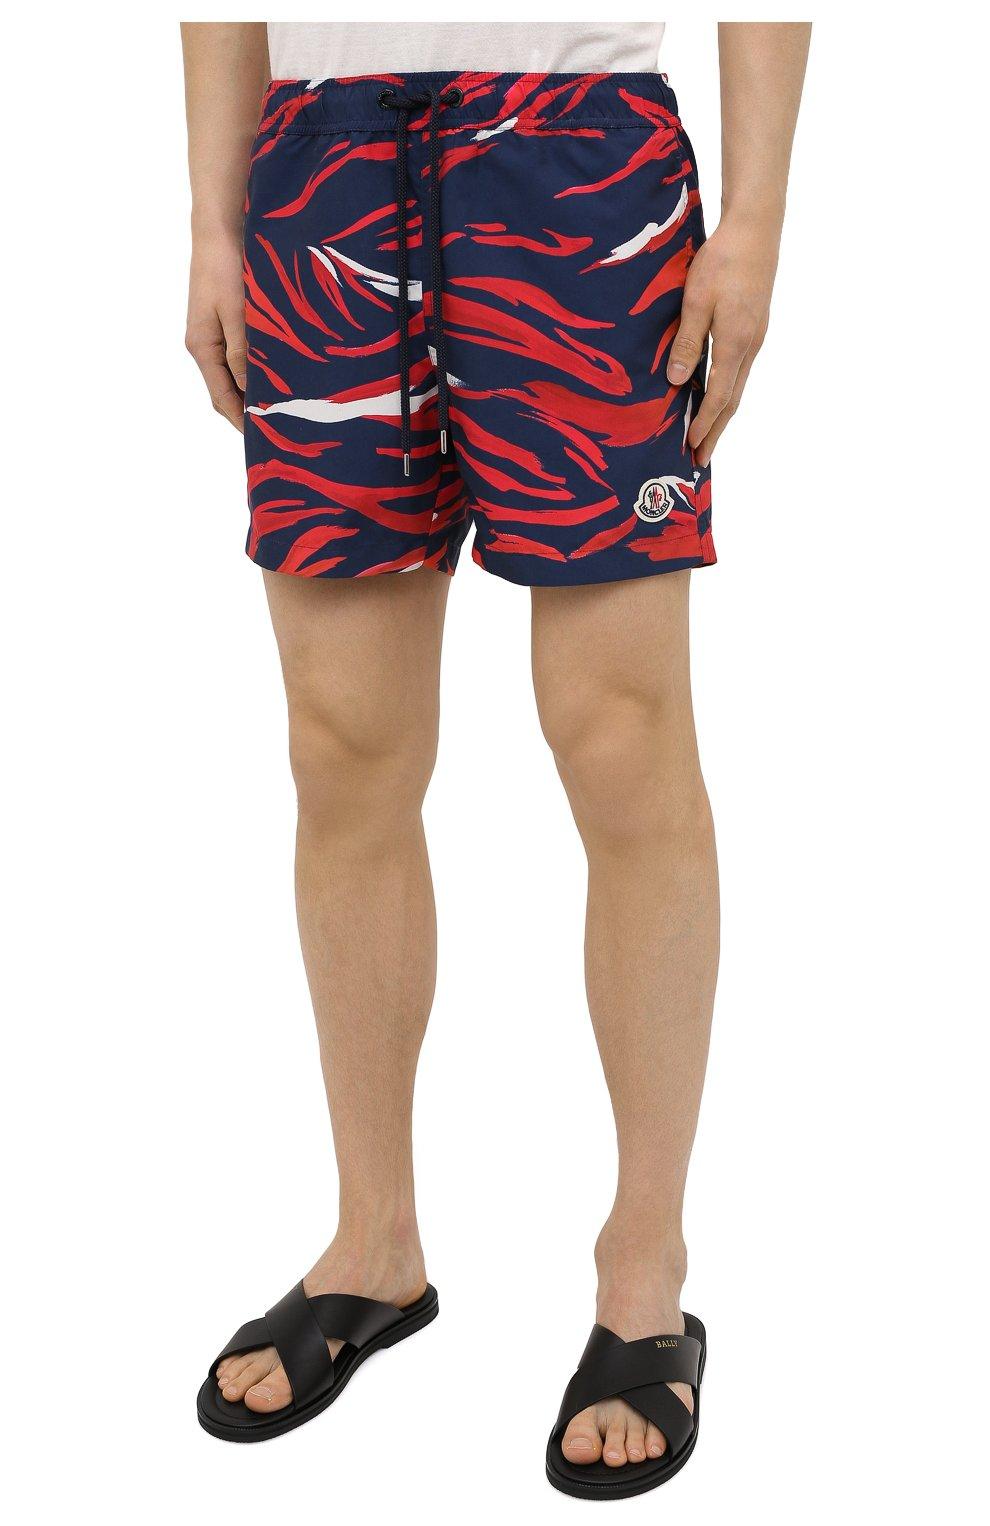 Мужские плавки-шорты MONCLER разноцветного цвета, арт. G1-091-2C708-00-5956L | Фото 3 (Материал внешний: Синтетический материал; Принт: С принтом; Мужское Кросс-КТ: плавки-шорты)